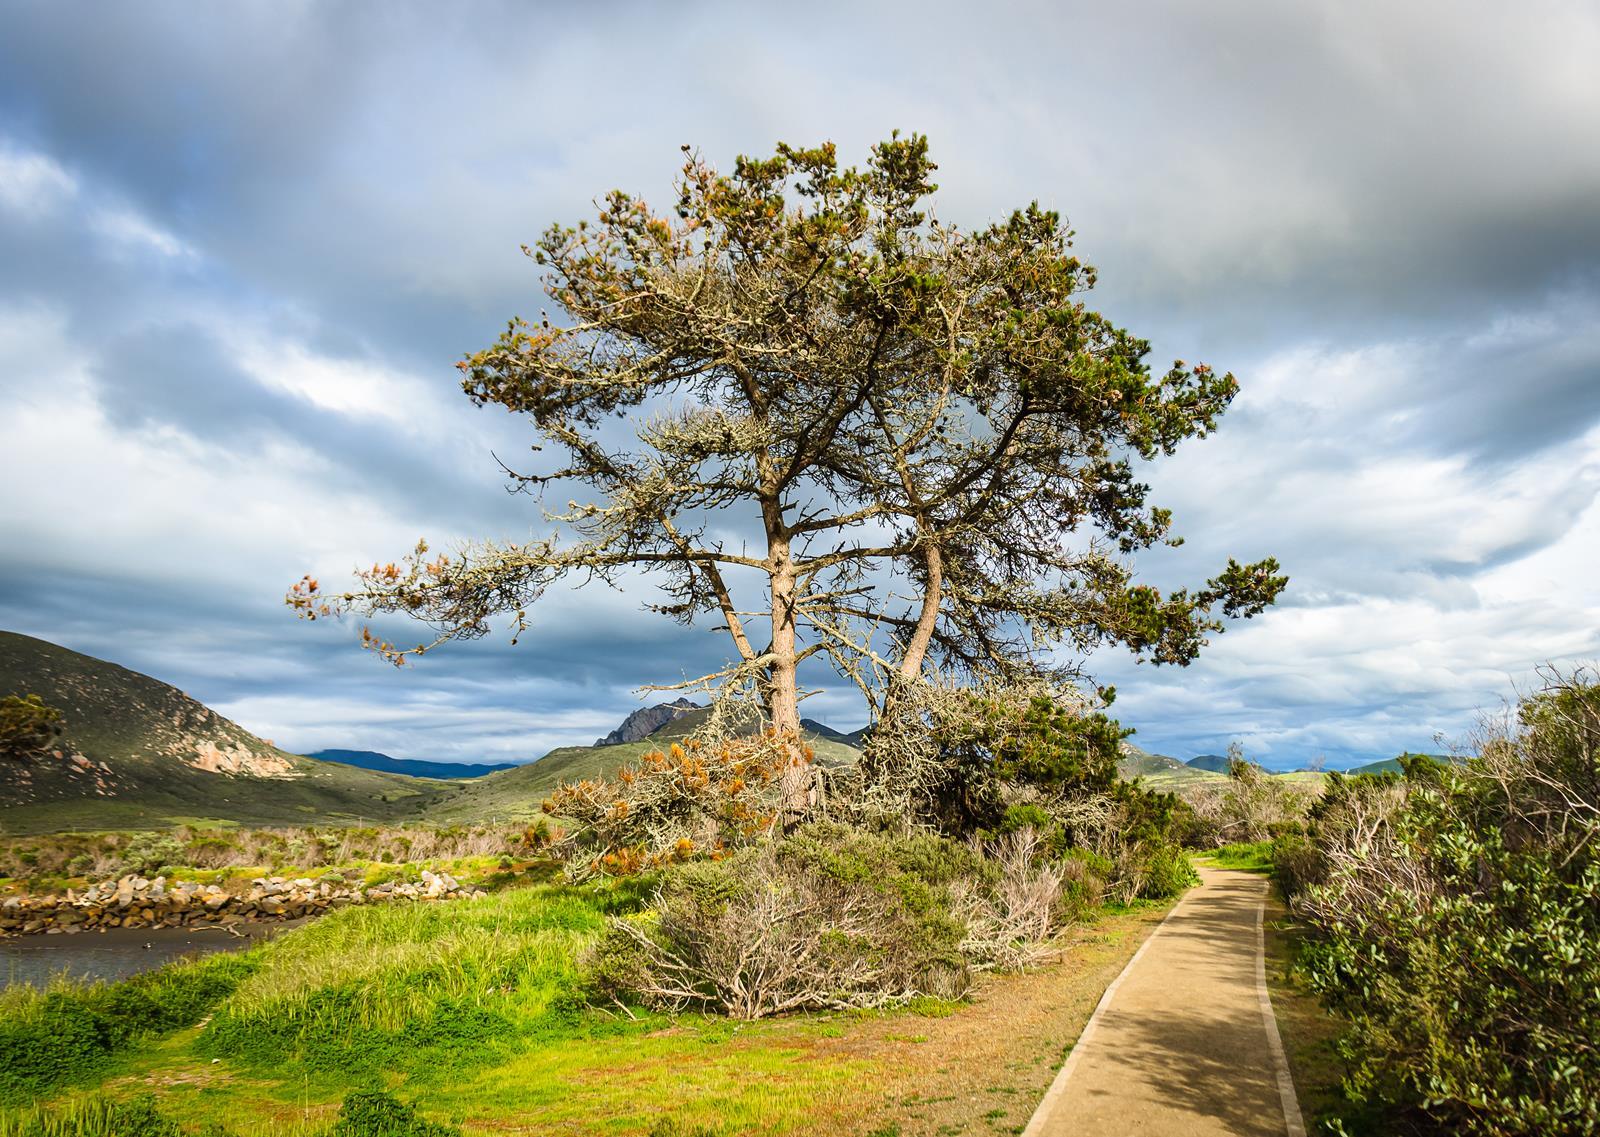 Morro Bay State Park by Danna Dykstra Coy